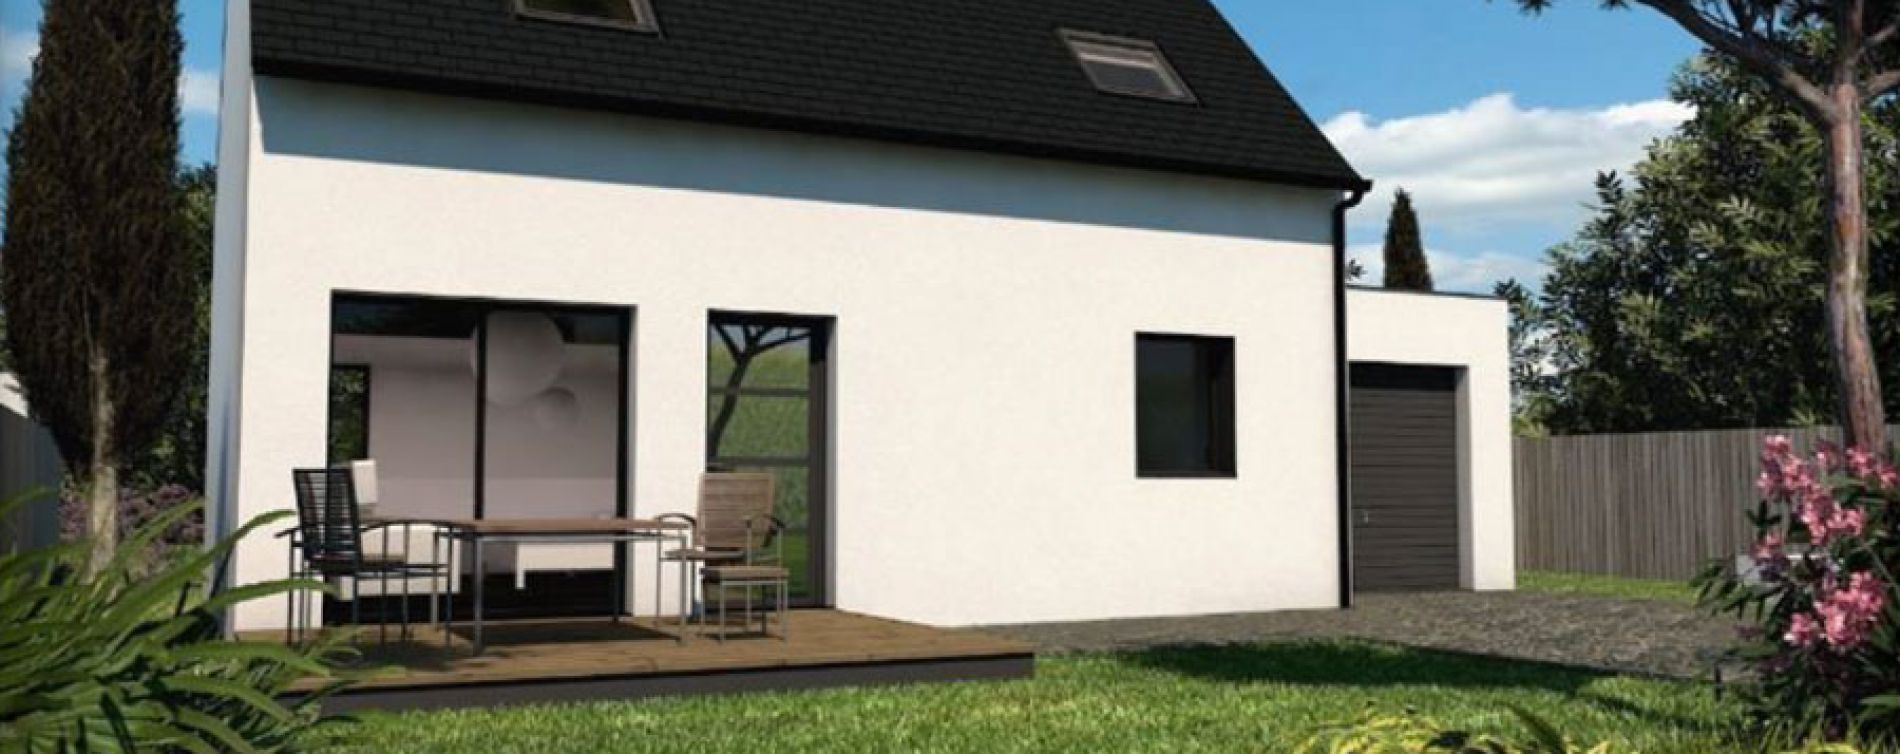 les clossets saint m loir des ondes programme immobilier neuf n 212895. Black Bedroom Furniture Sets. Home Design Ideas